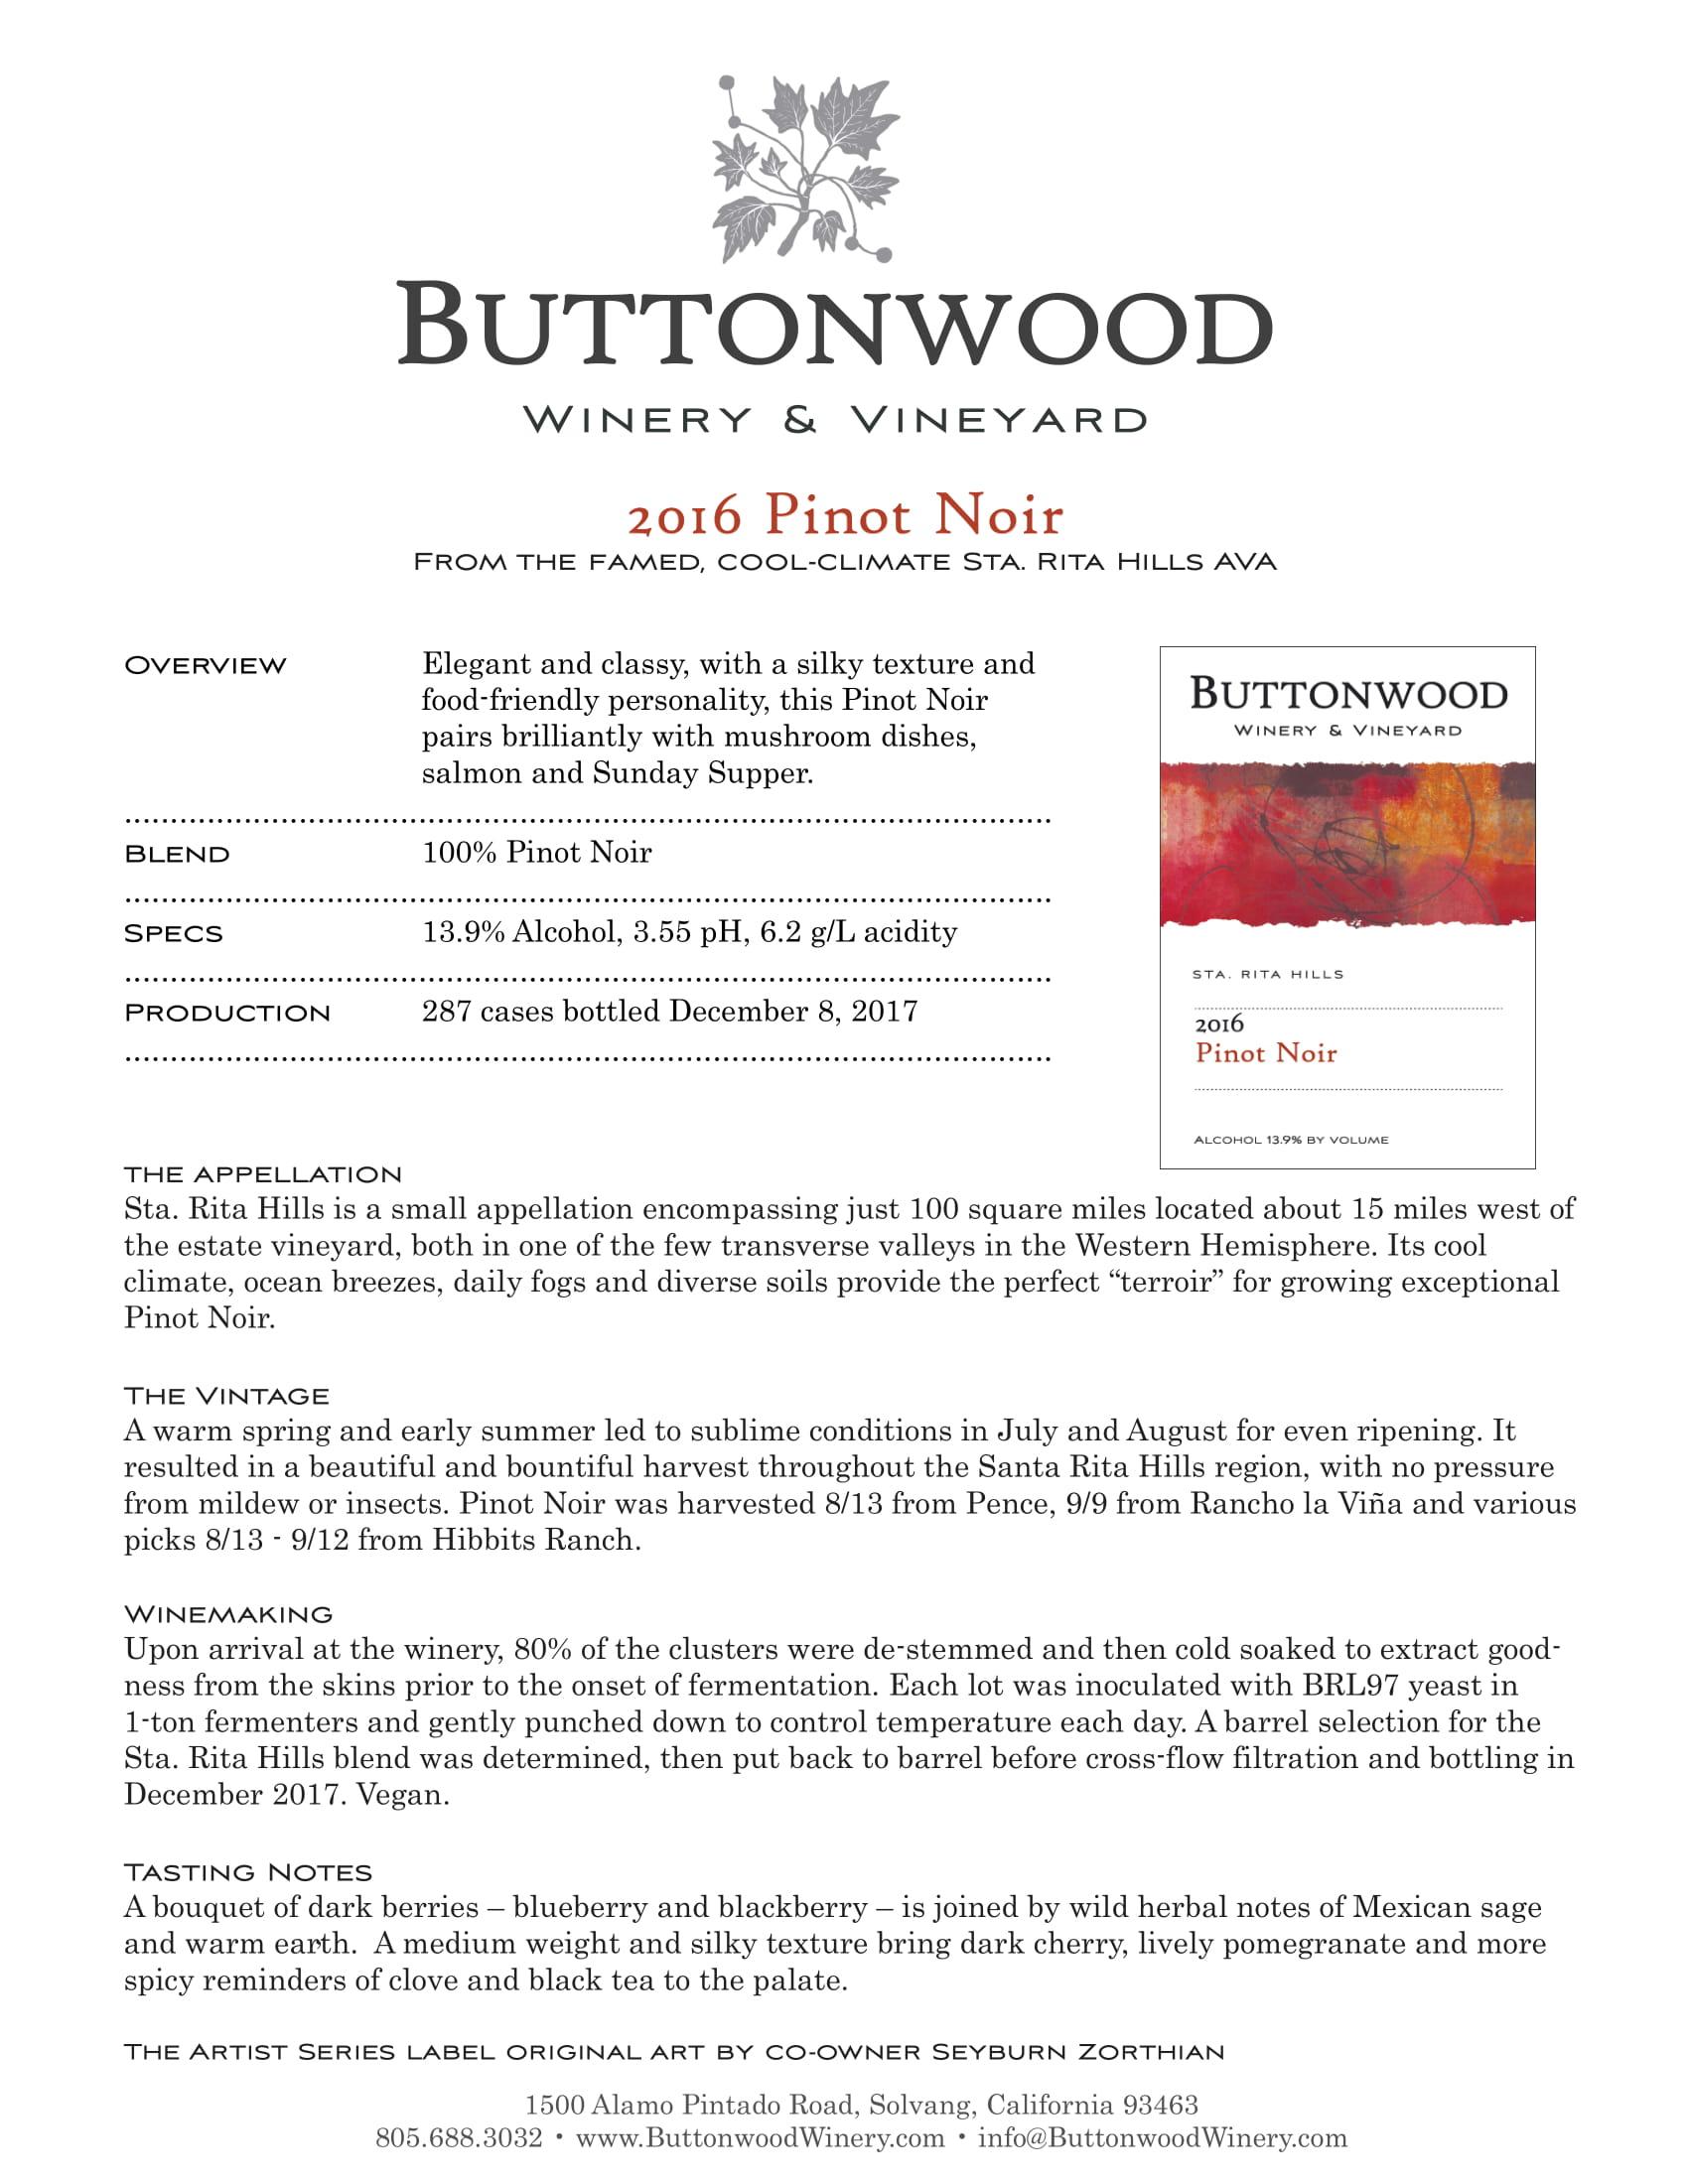 Buttonwood Pinot Noir Tech Sheet